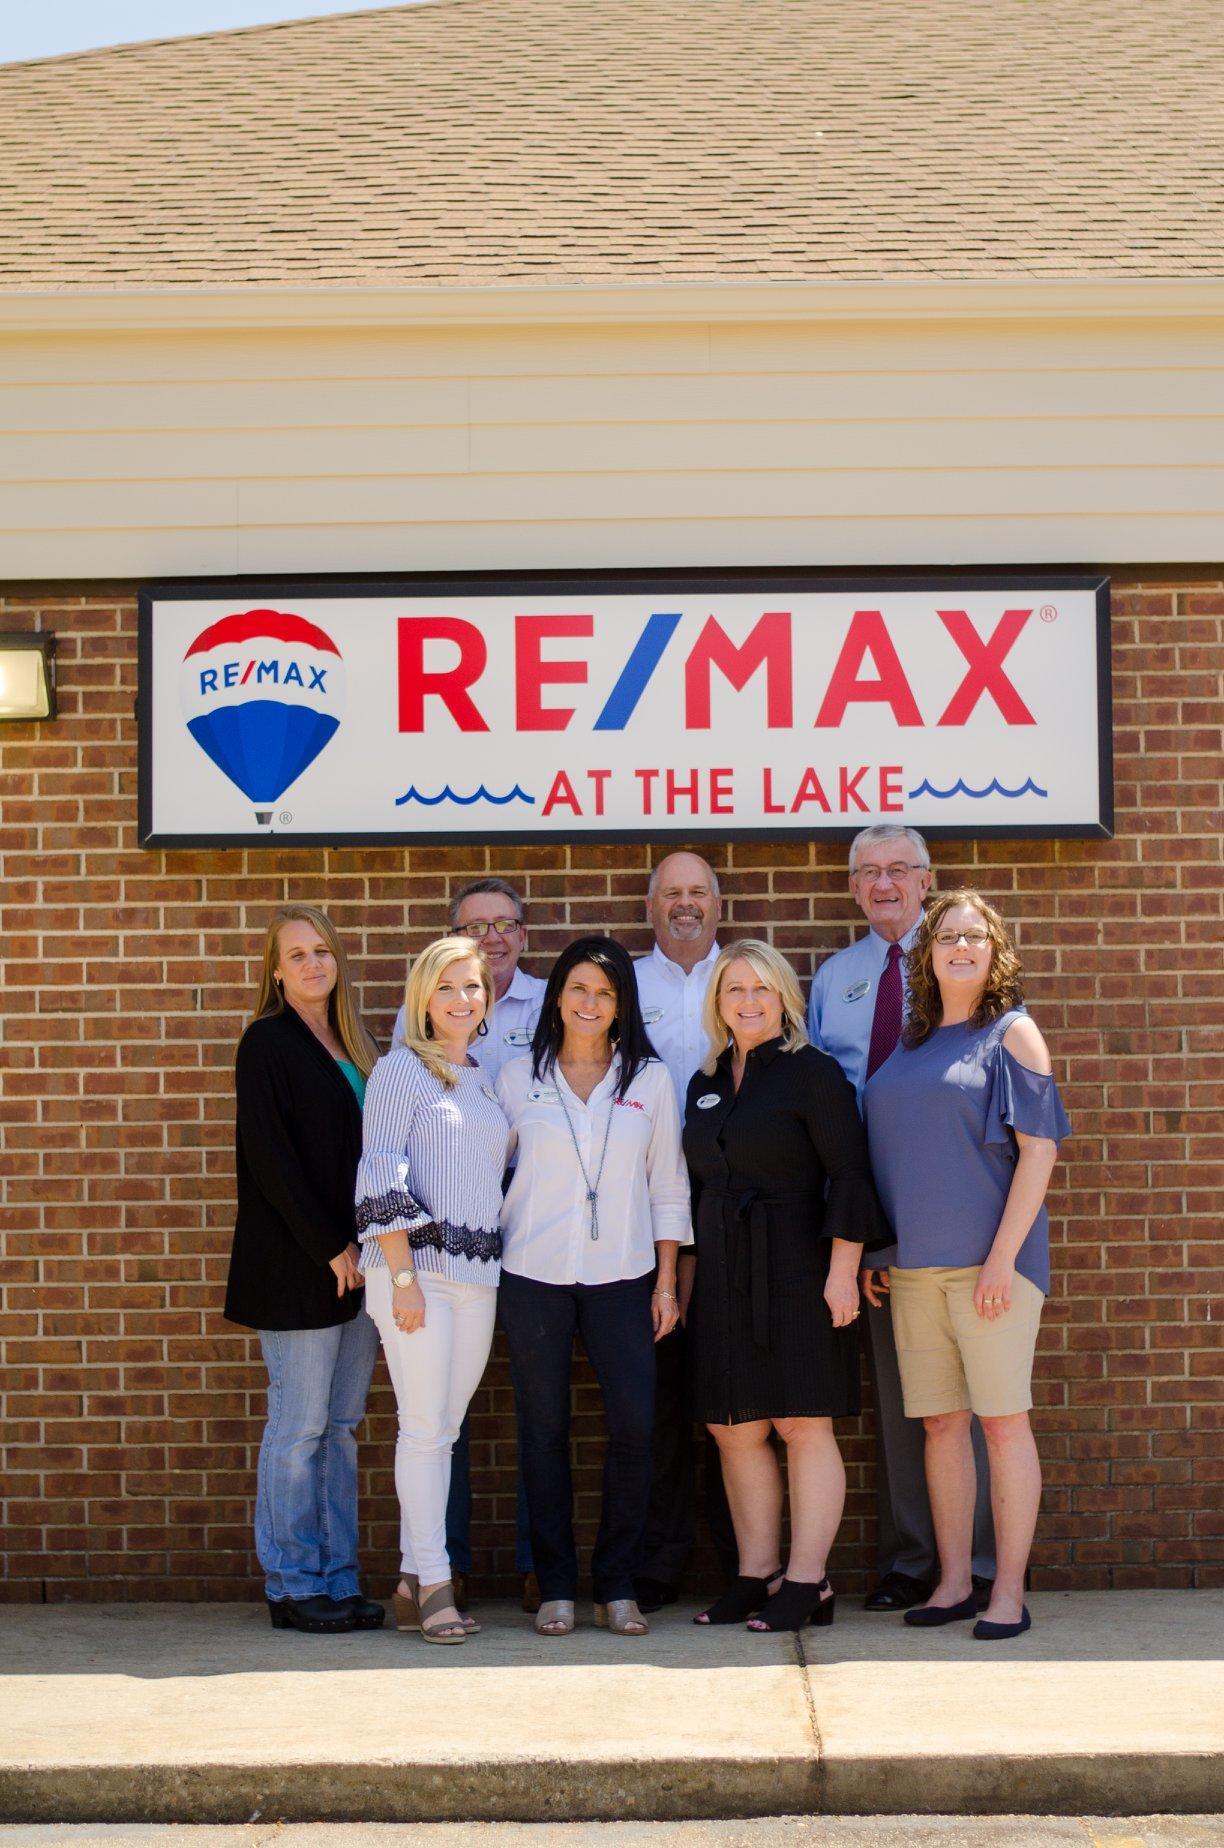 RE/MAX AT THE LAKE image 0